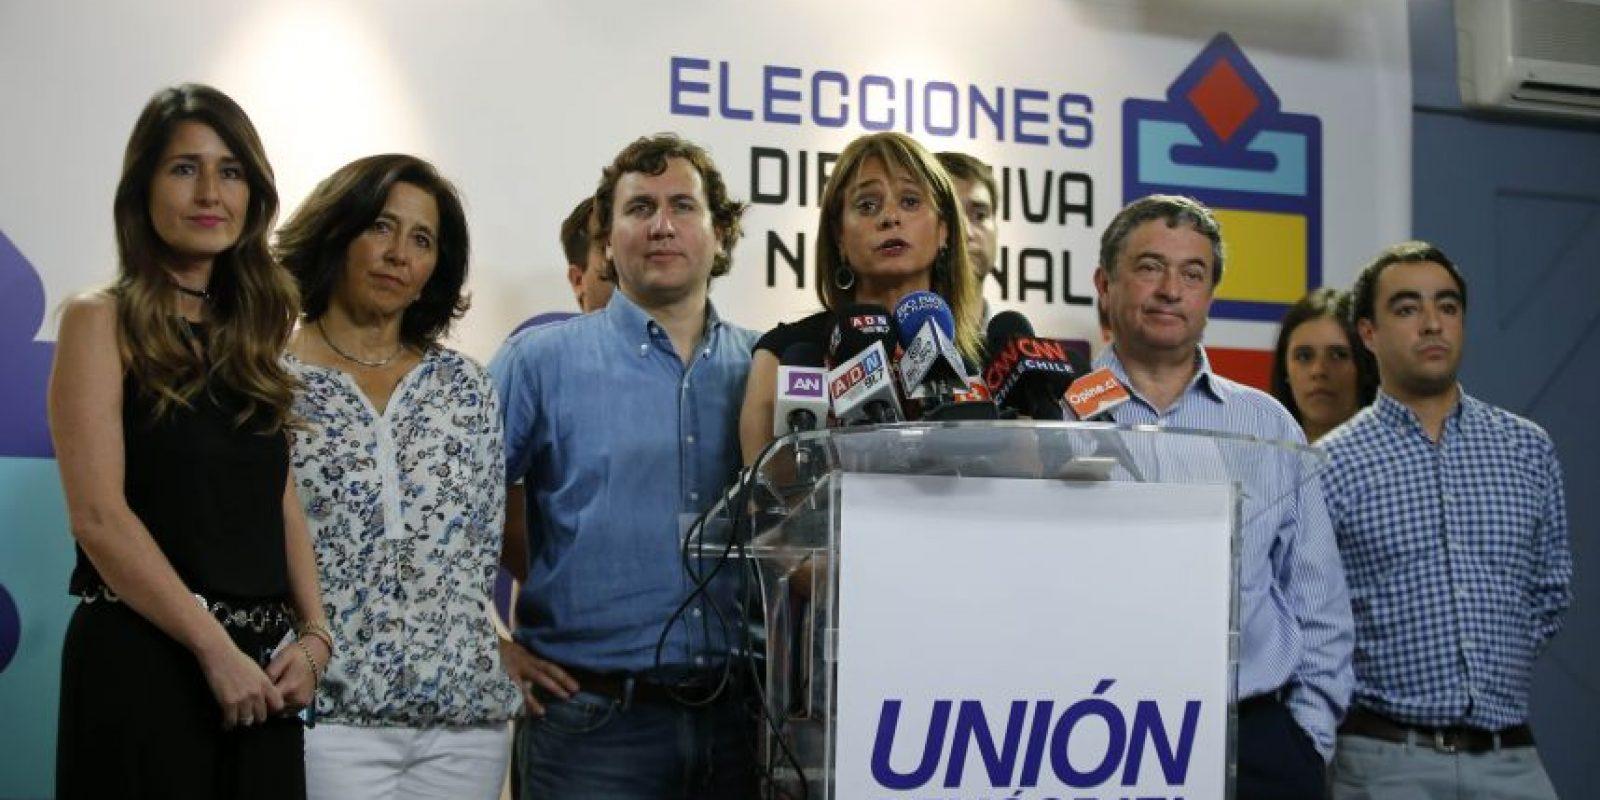 """Por primera vez en su historia, el partido de la Unión Demócrata Independiente (UDI) eligió a su directiva nacional bajo el sistema de """"un militante, un voto"""". Foto:Aton. Imagen Por:"""